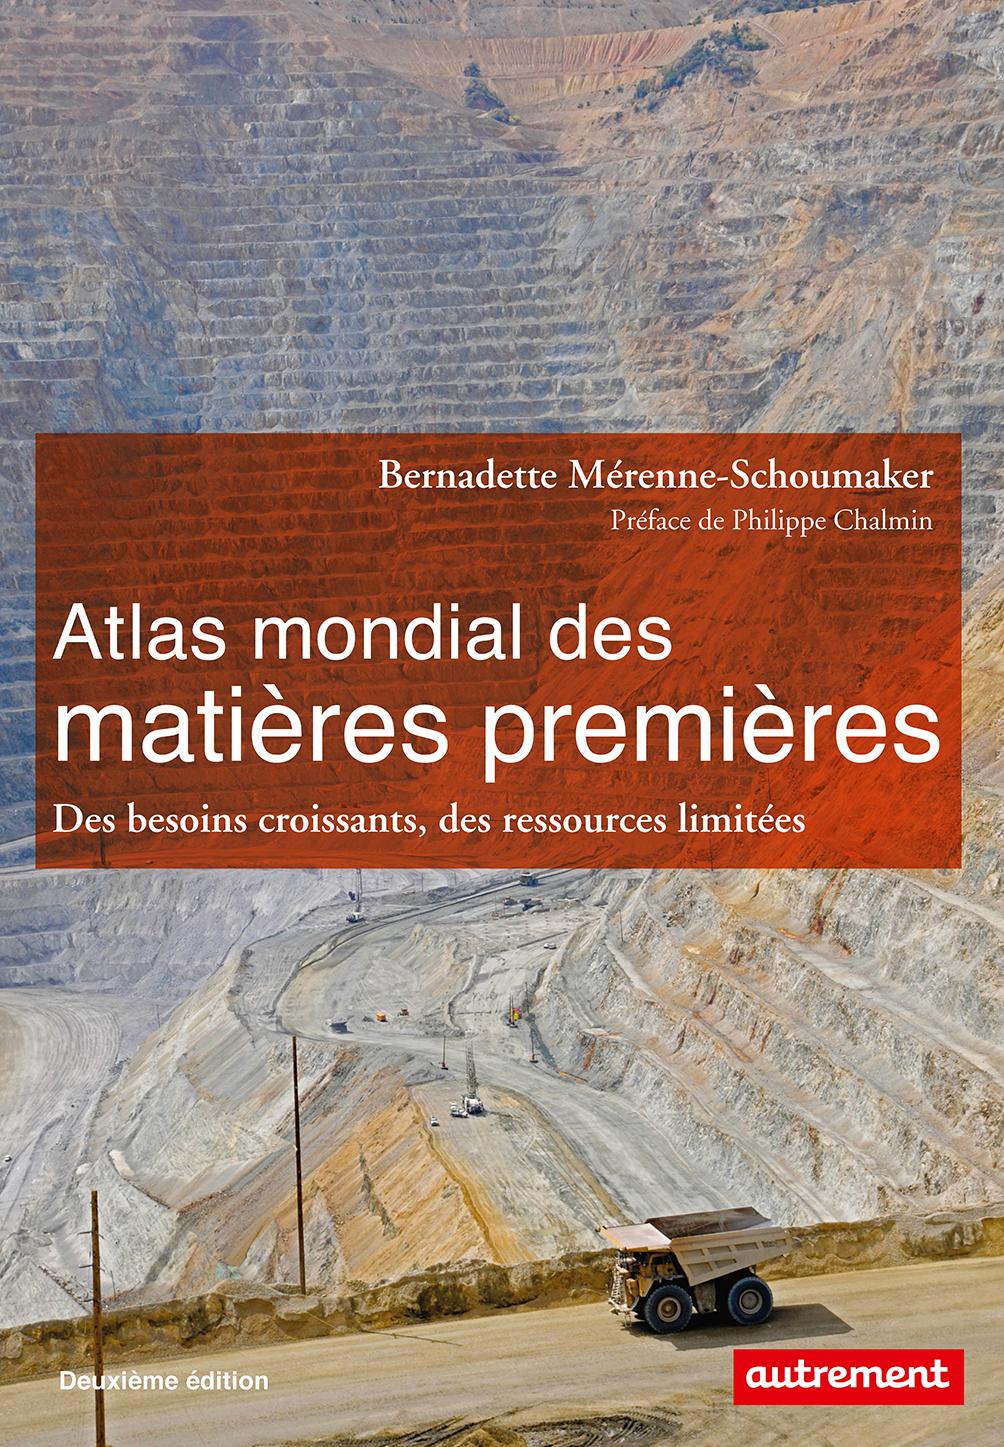 Atlas mondial des matières premières. Des besoins croissants, des ressources limitées